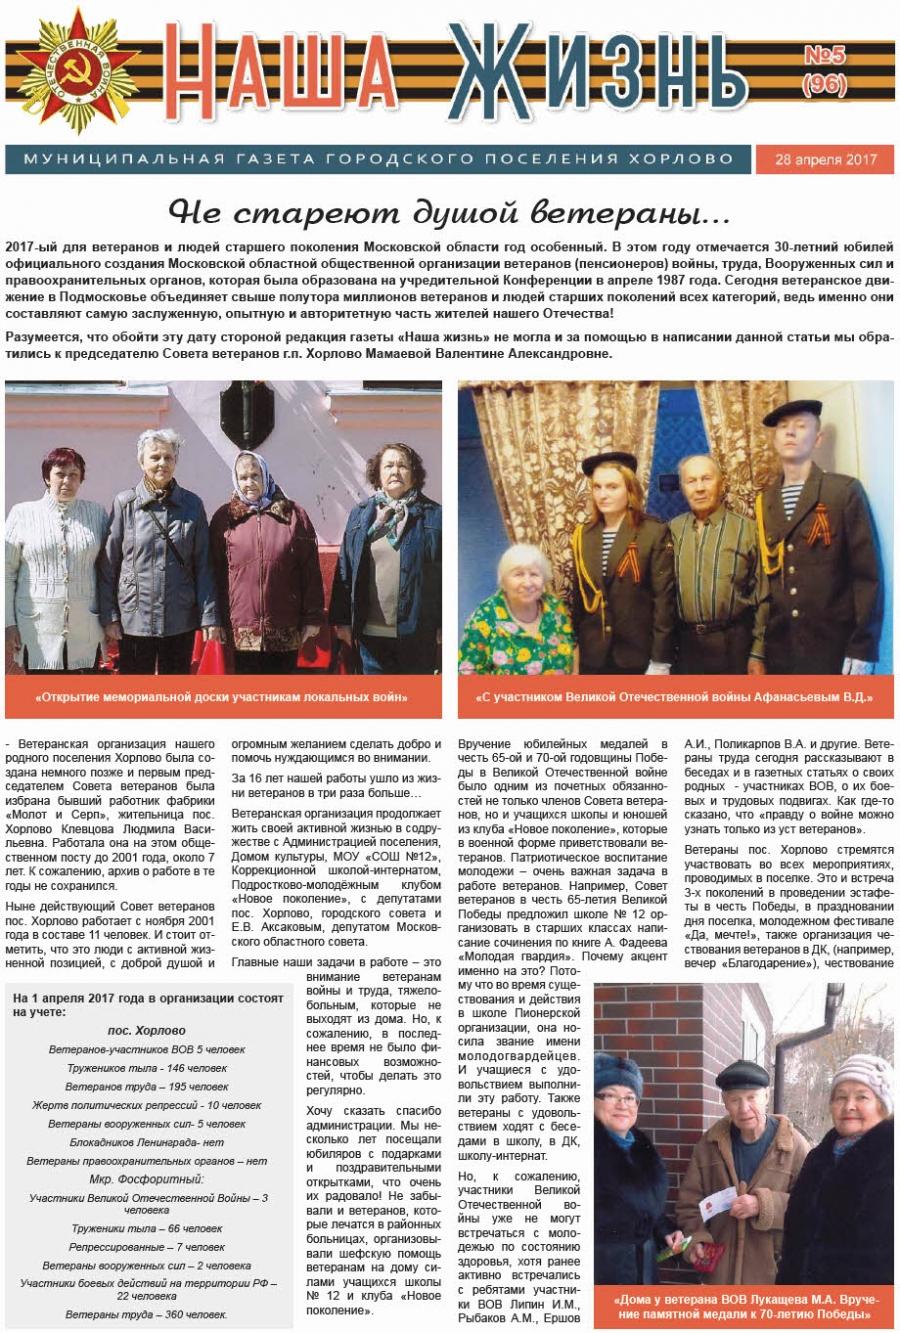 """Газета """"Наша жизнь"""" - 28 апреля 2017 года"""